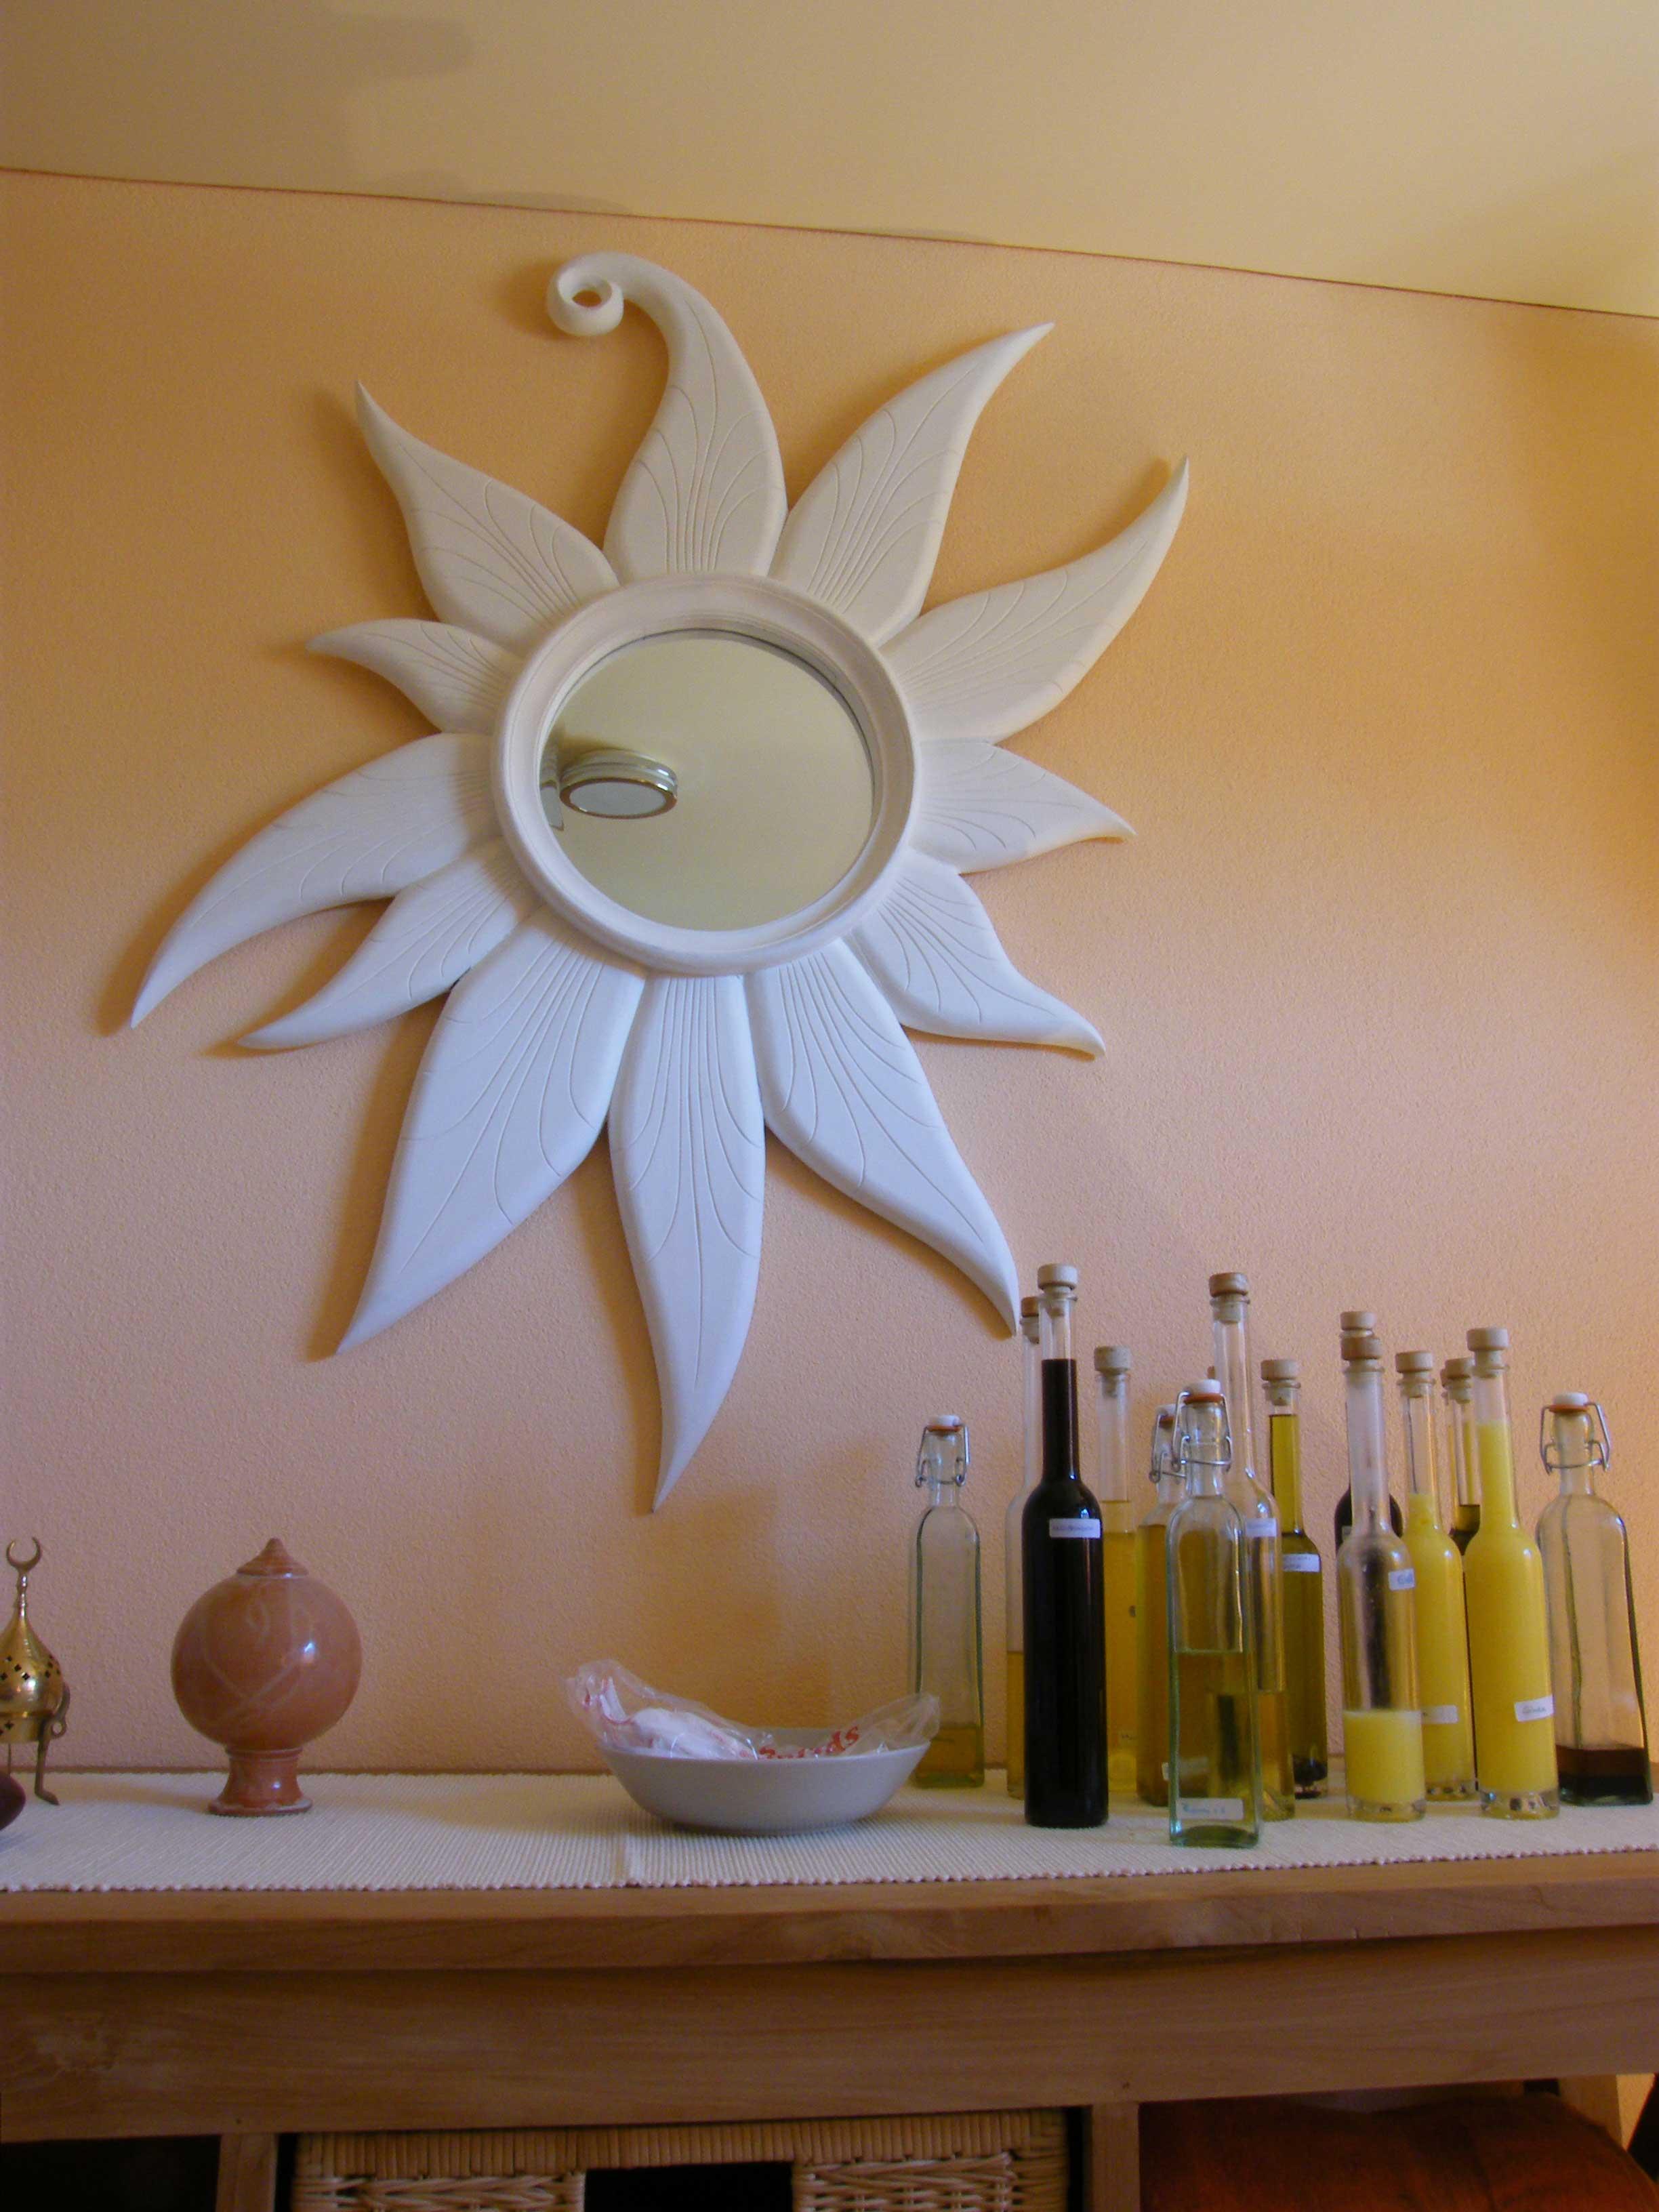 Studio-un-raggio-di-sole-Minusio - Studio Un raggio di sole Ingrid Merlini Minusio Massaggi Ticino Ayurveda Hawaii